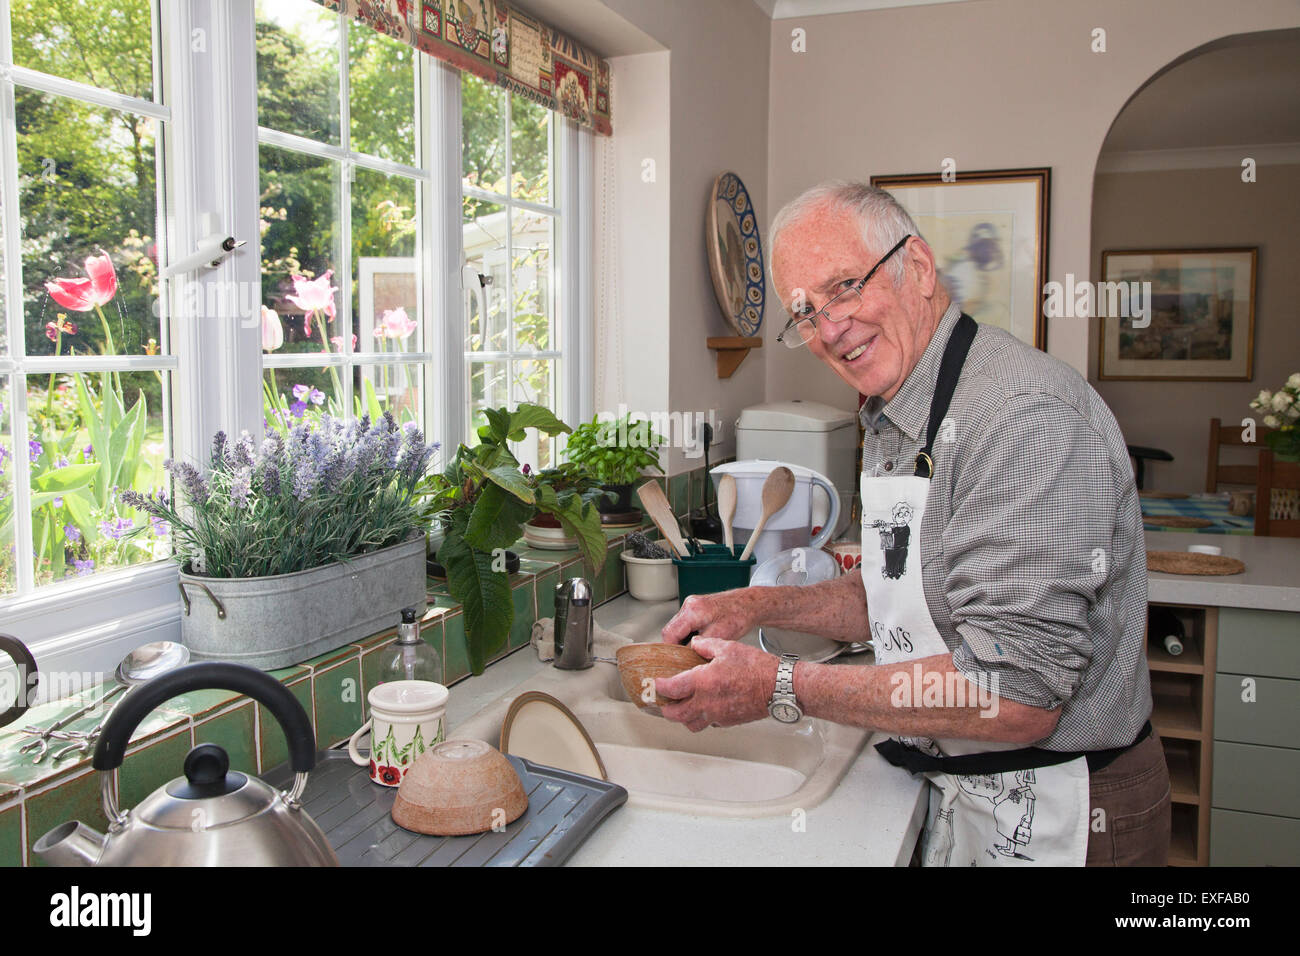 Man en cuisine, lave-vaisselle Photo Stock